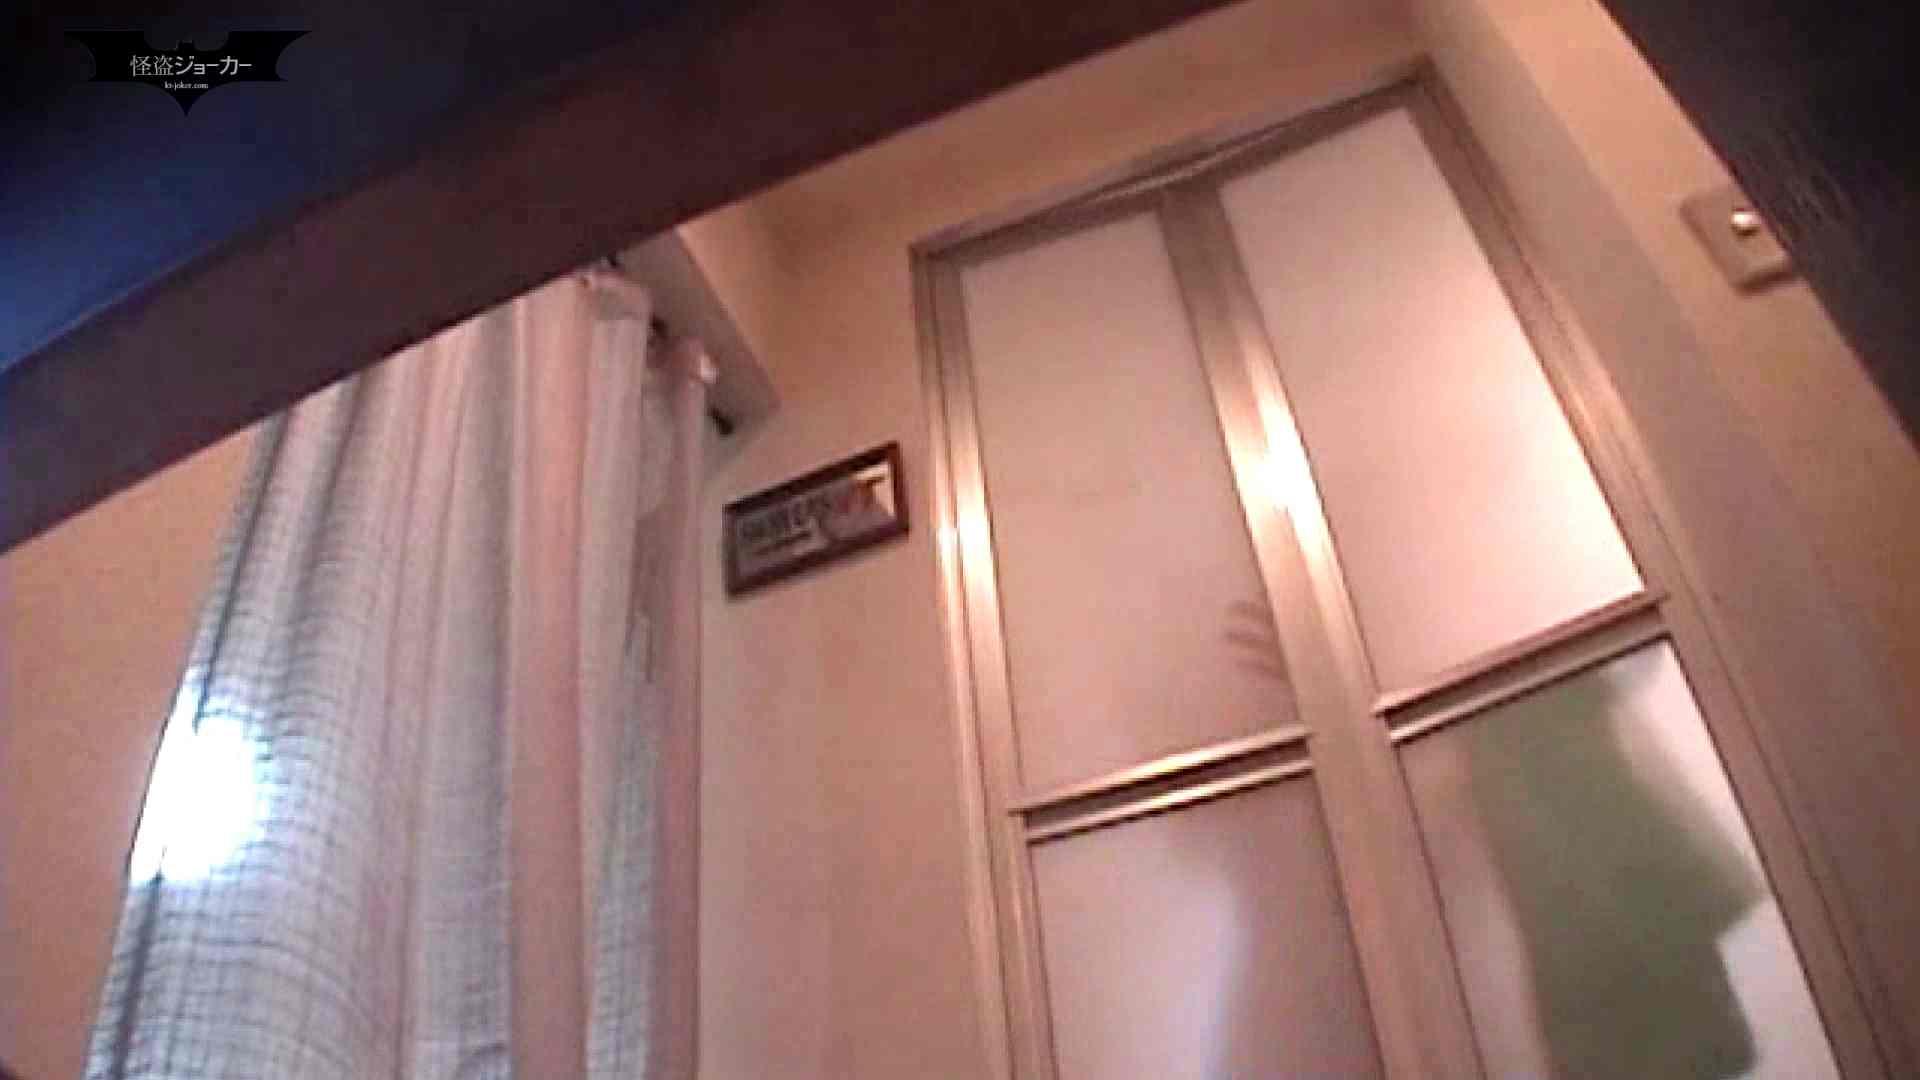 素人女良を部屋に連れ込み隠し撮りSEX!! その⑪ 潮吹き娘 りん 素人達のヌード | SEX  103連発 9